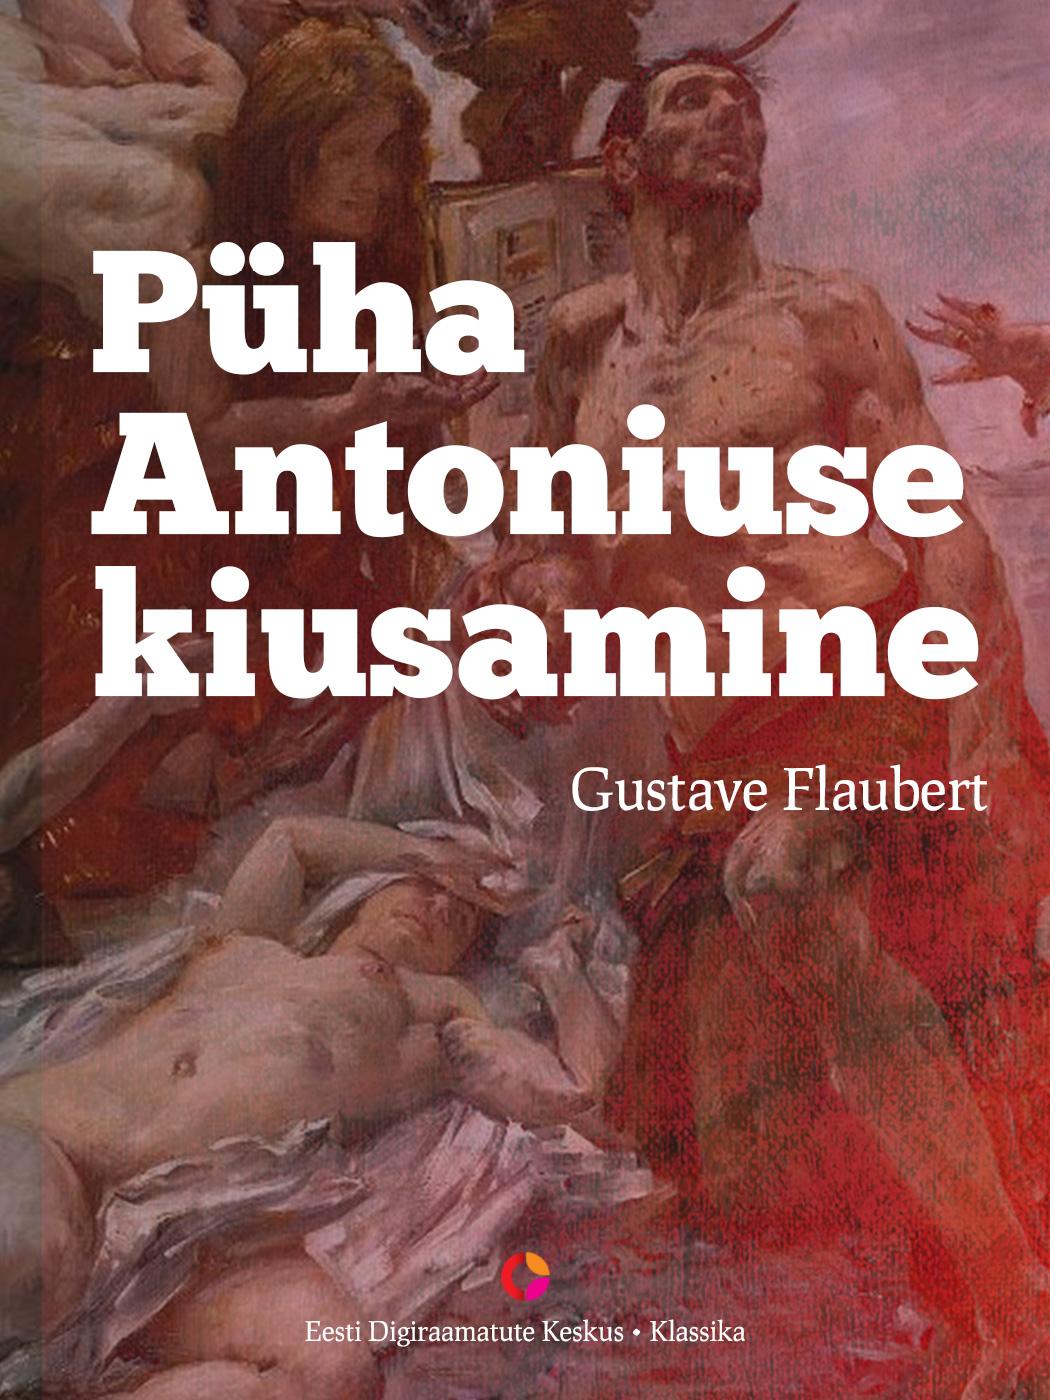 Gustave Flaubert Püha Antoniuse kiusamine rein sikk minu virumaa üks poiss üks vanne üks maa